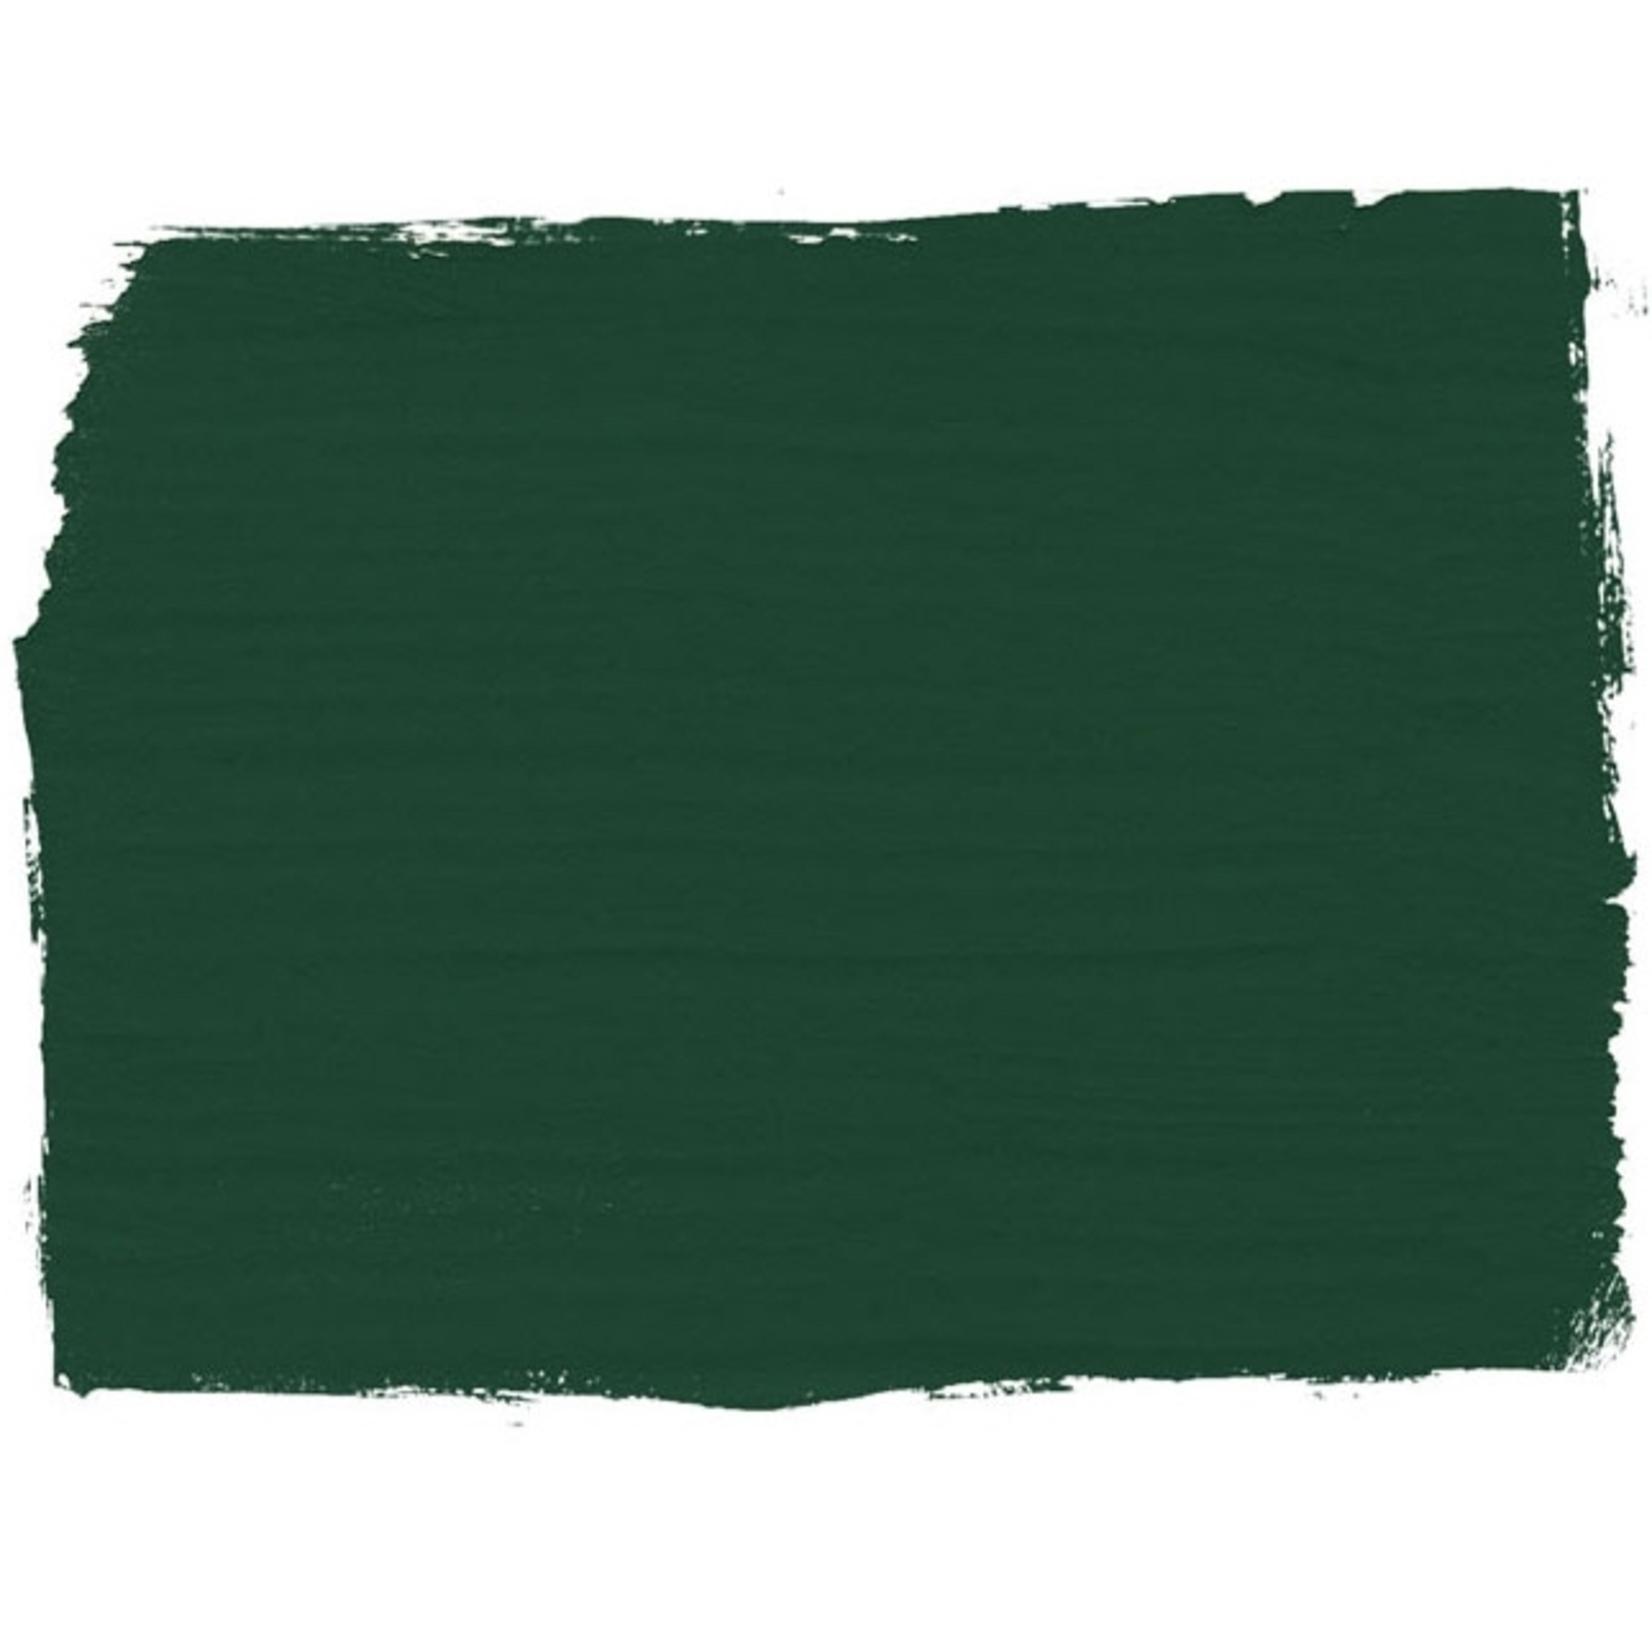 Annie Sloan Annie Sloan Amsterdam Green Chalk Paint